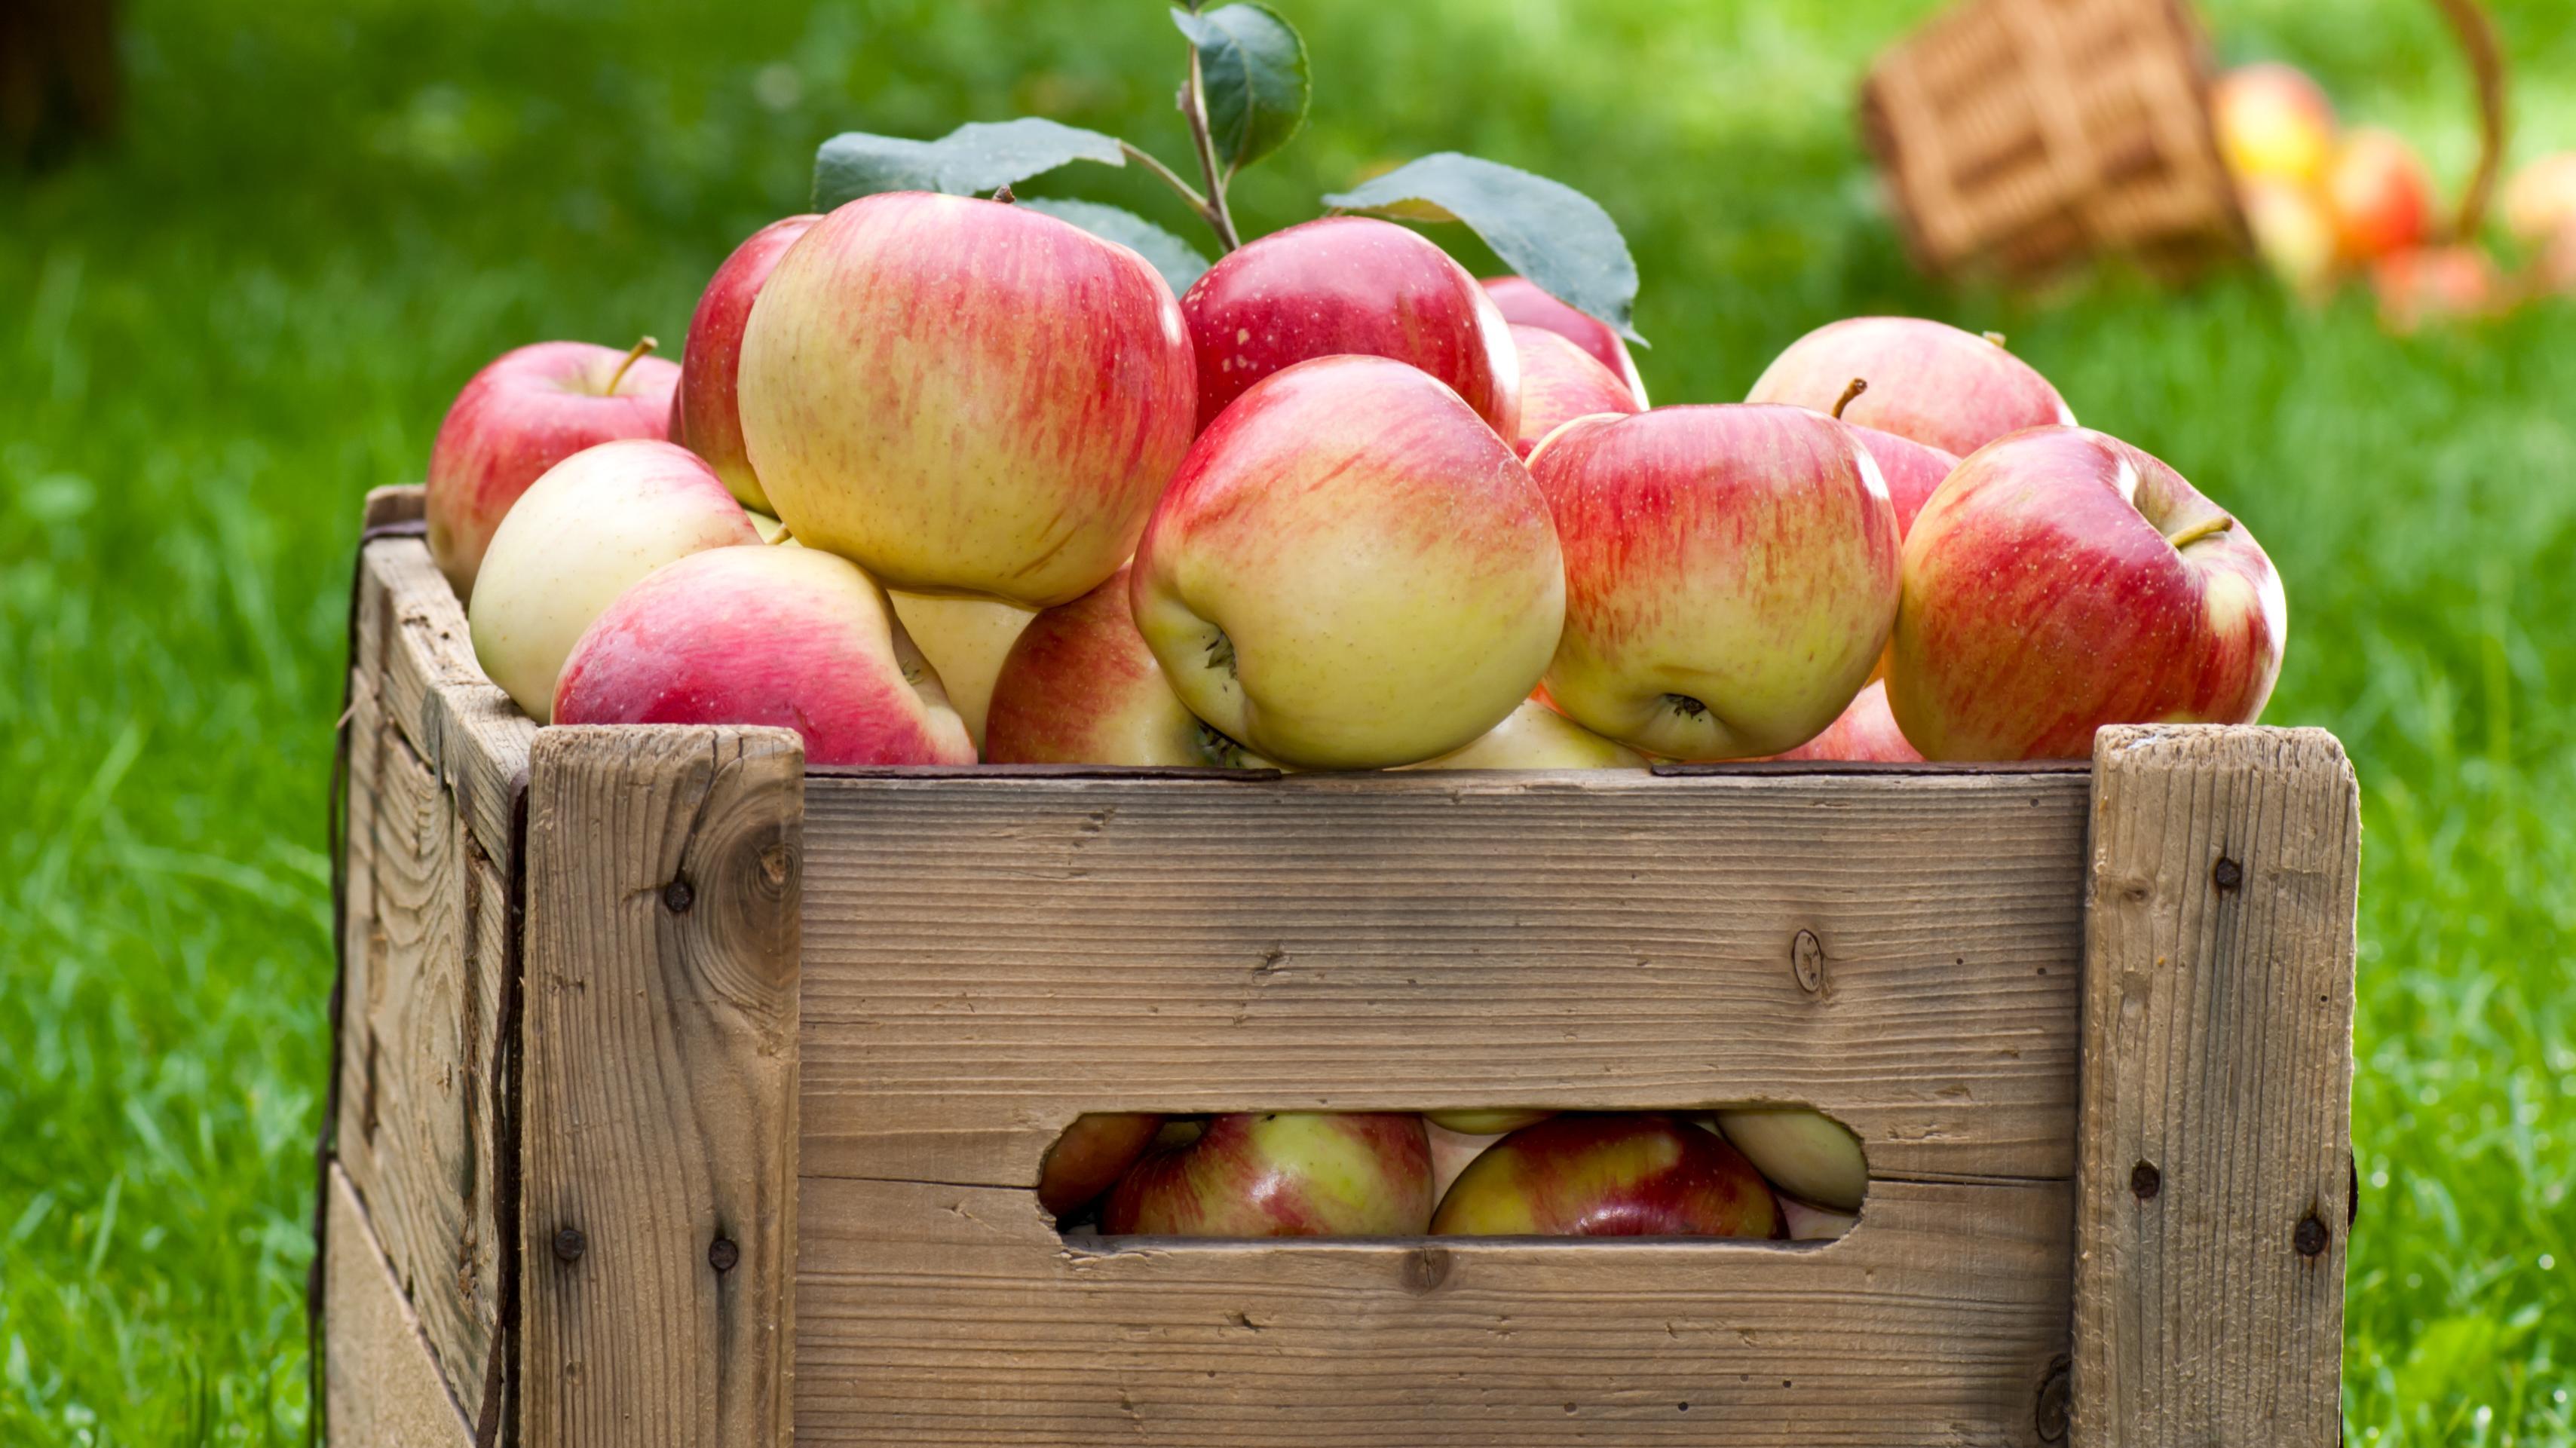 Brevkasse: Hvordan skal jeg opbevare mine æbler? | Lev nu | DR